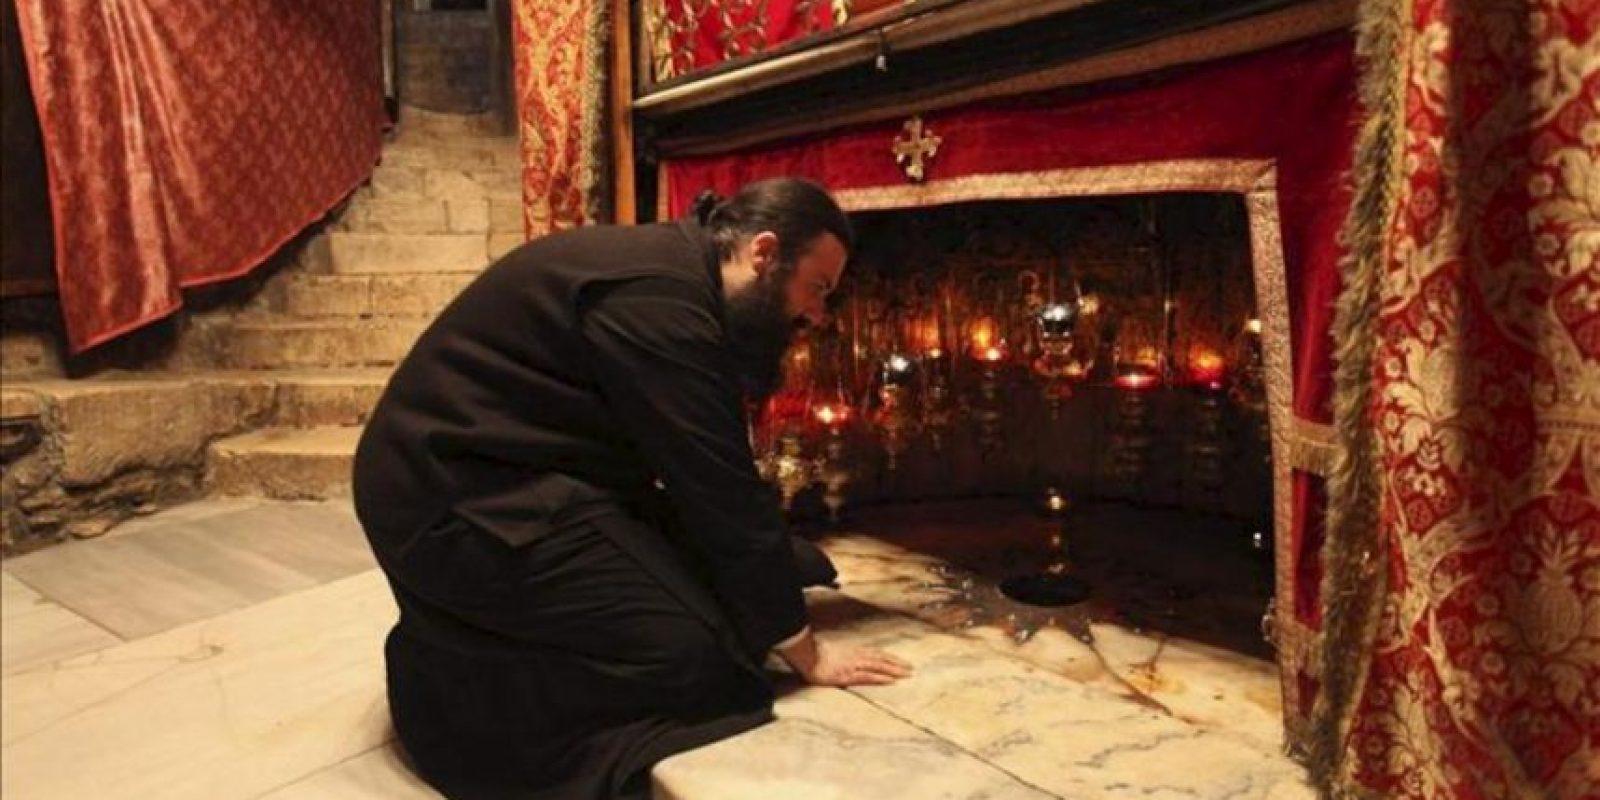 Un sacerdote reza en la gruta de la Basílica de la Natividad de Belén, considerada el lugar de nacimiento de Jesús. EFE/Archivo